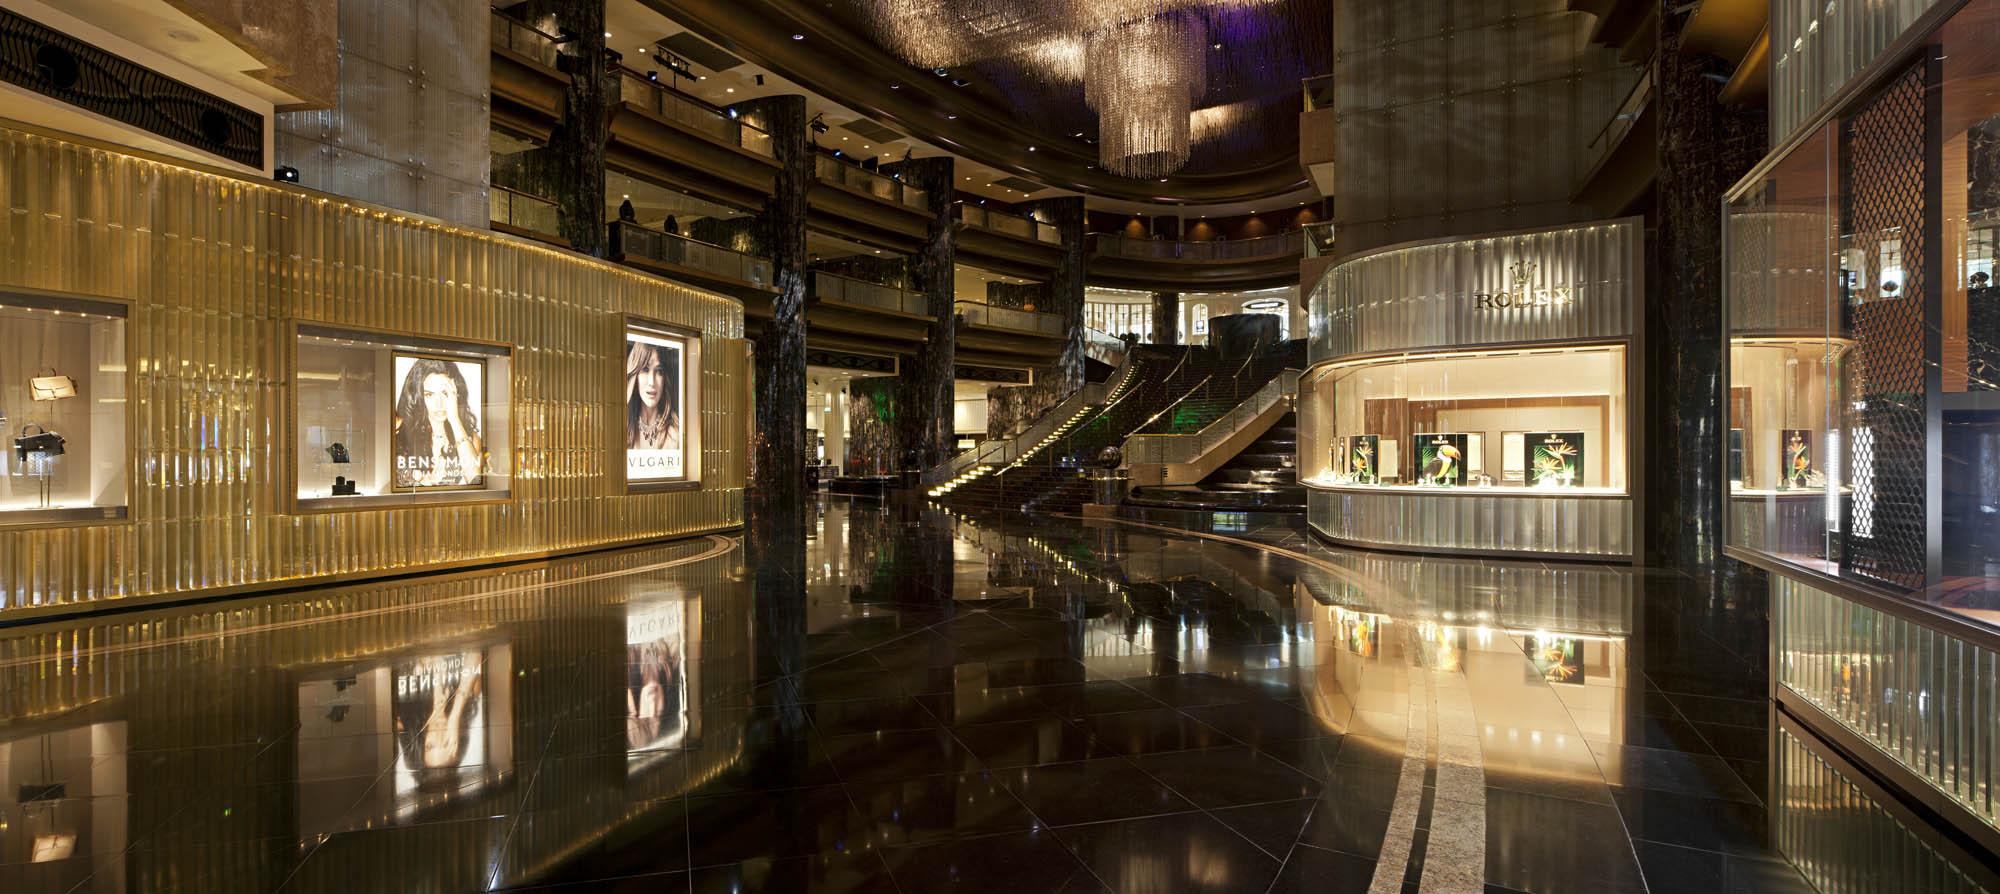 Atrium Crown Casino